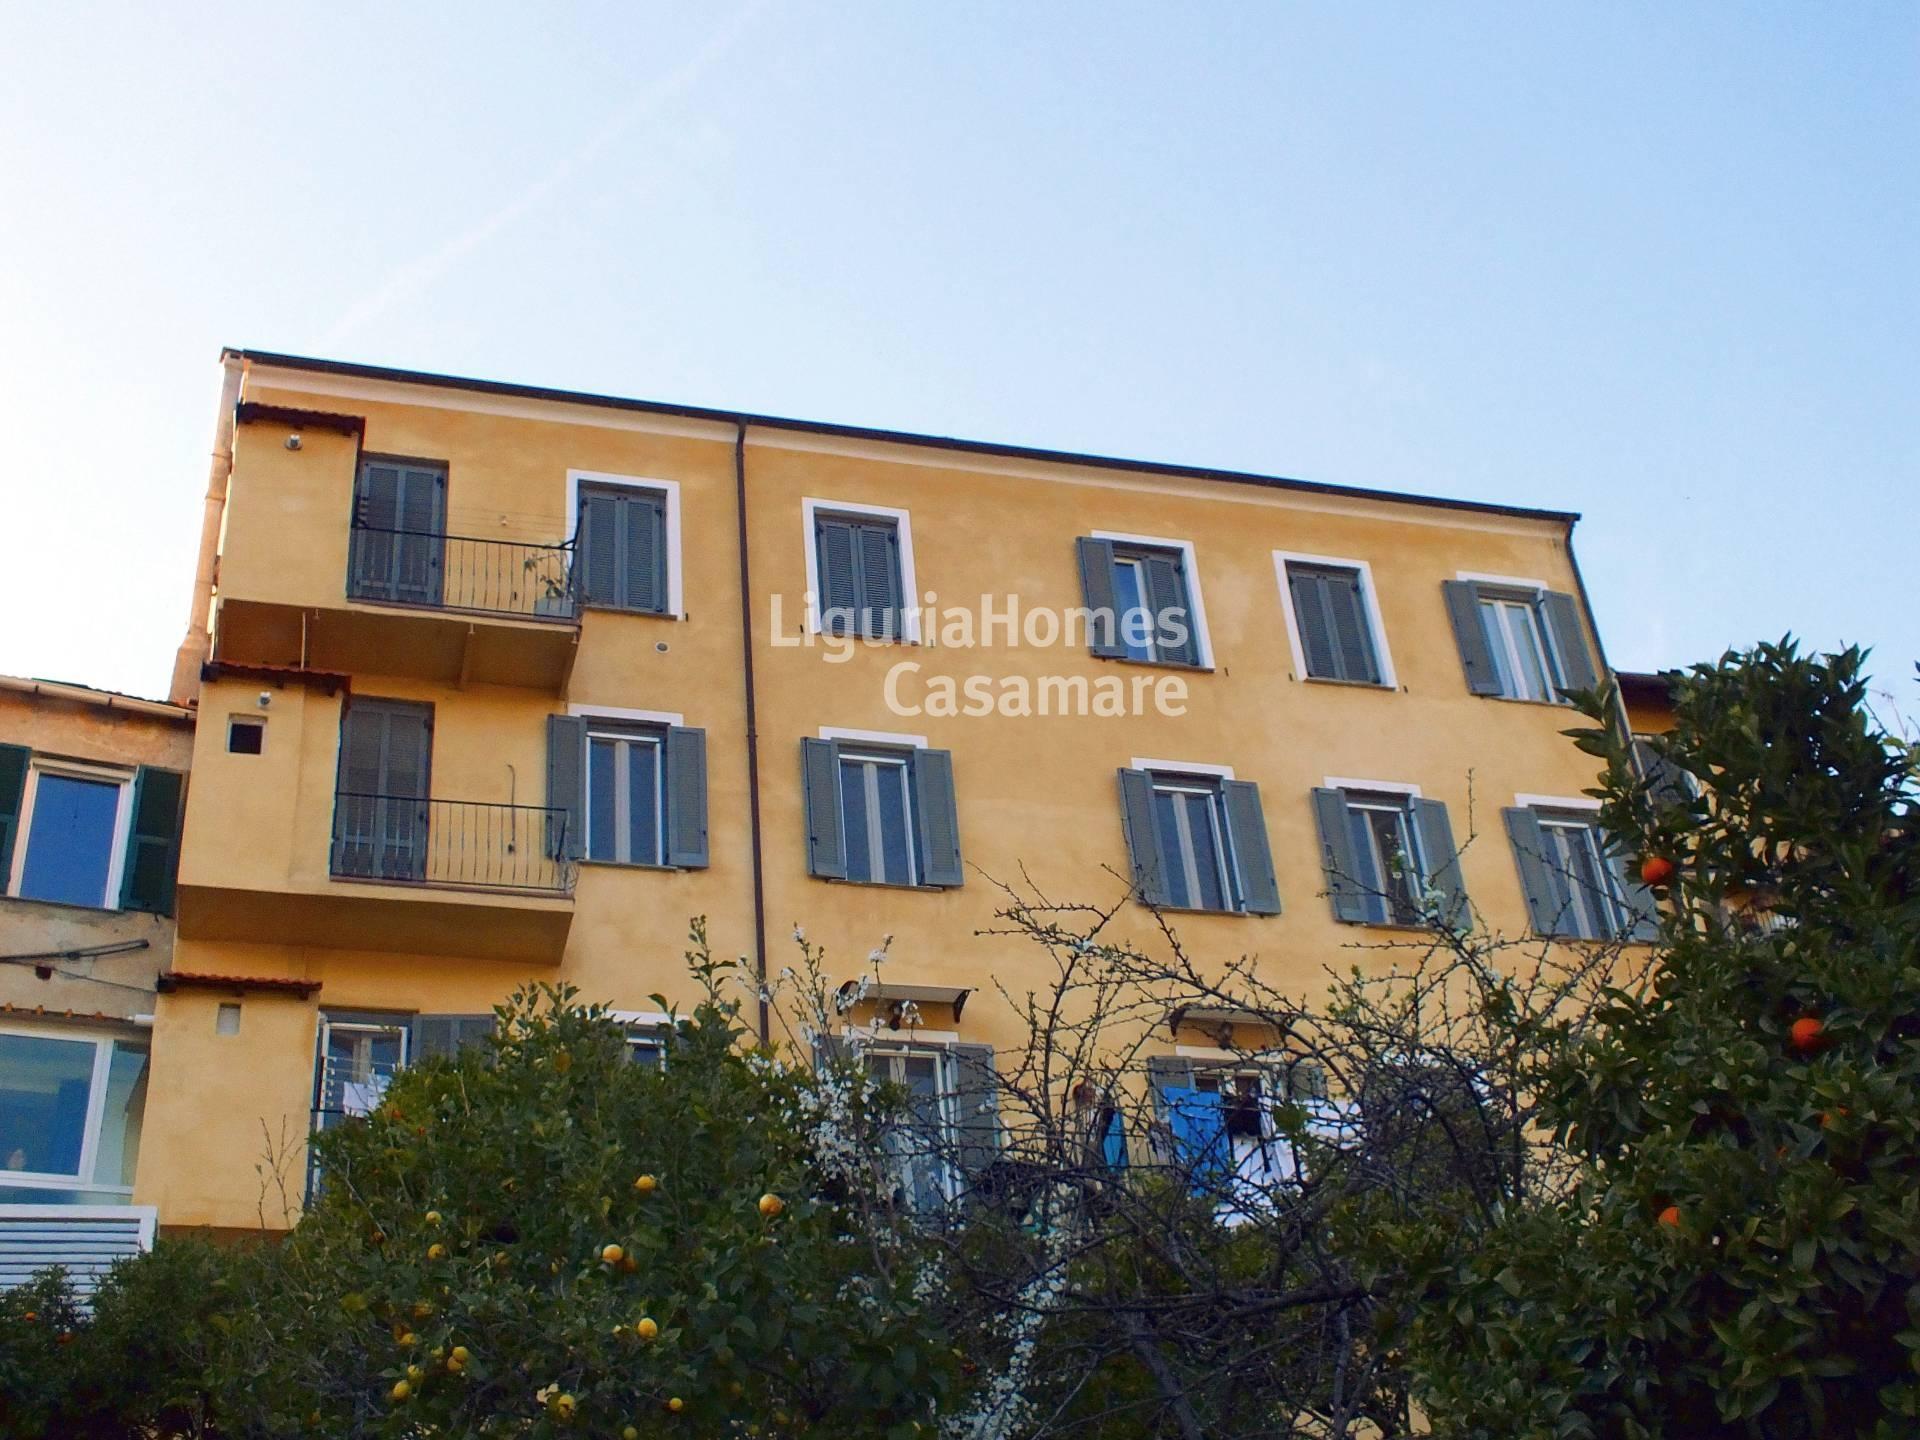 Appartamento in vendita a Imperia, 2 locali, prezzo € 80.000 | Cambio Casa.it